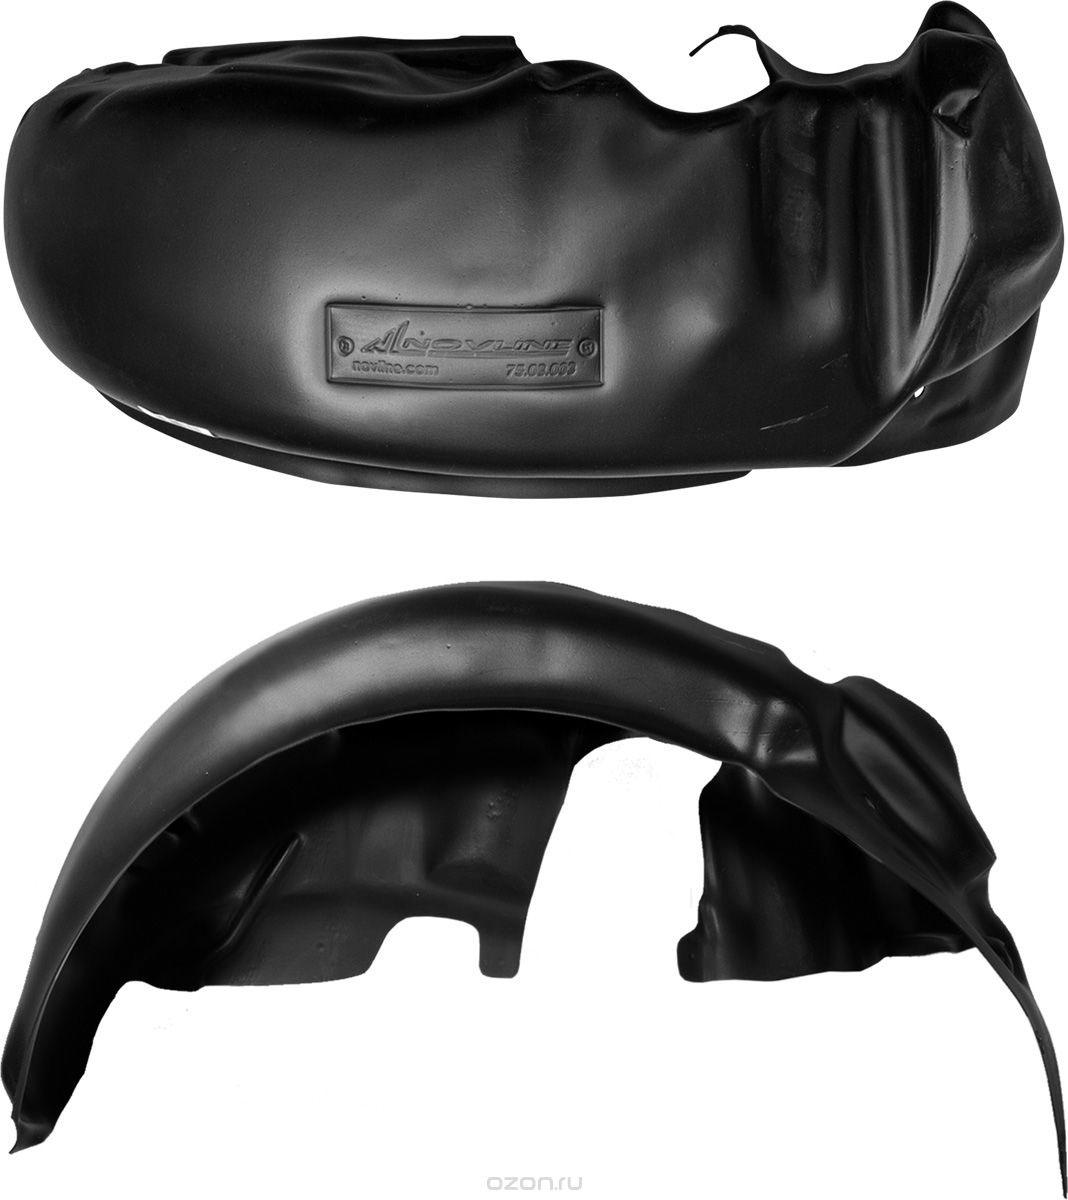 Подкрылок Novline-Autofamily, для Lifan Solano, 2016->, седан, передний левыйNLL.73.11.001Идеальная защита колесной ниши. Локеры разработаны с применением цифровых технологий, гарантируют максимальную повторяемость поверхности арки. Изделия устанавливаются без нарушения лакокрасочного покрытия автомобиля, каждый подкрылок комплектуется крепежом. Уважаемые клиенты, обращаем ваше внимание, что фотографии на подкрылки универсальные и не отражают реальную форму изделия. При этом само изделие идет точно под размер указанного автомобиля.